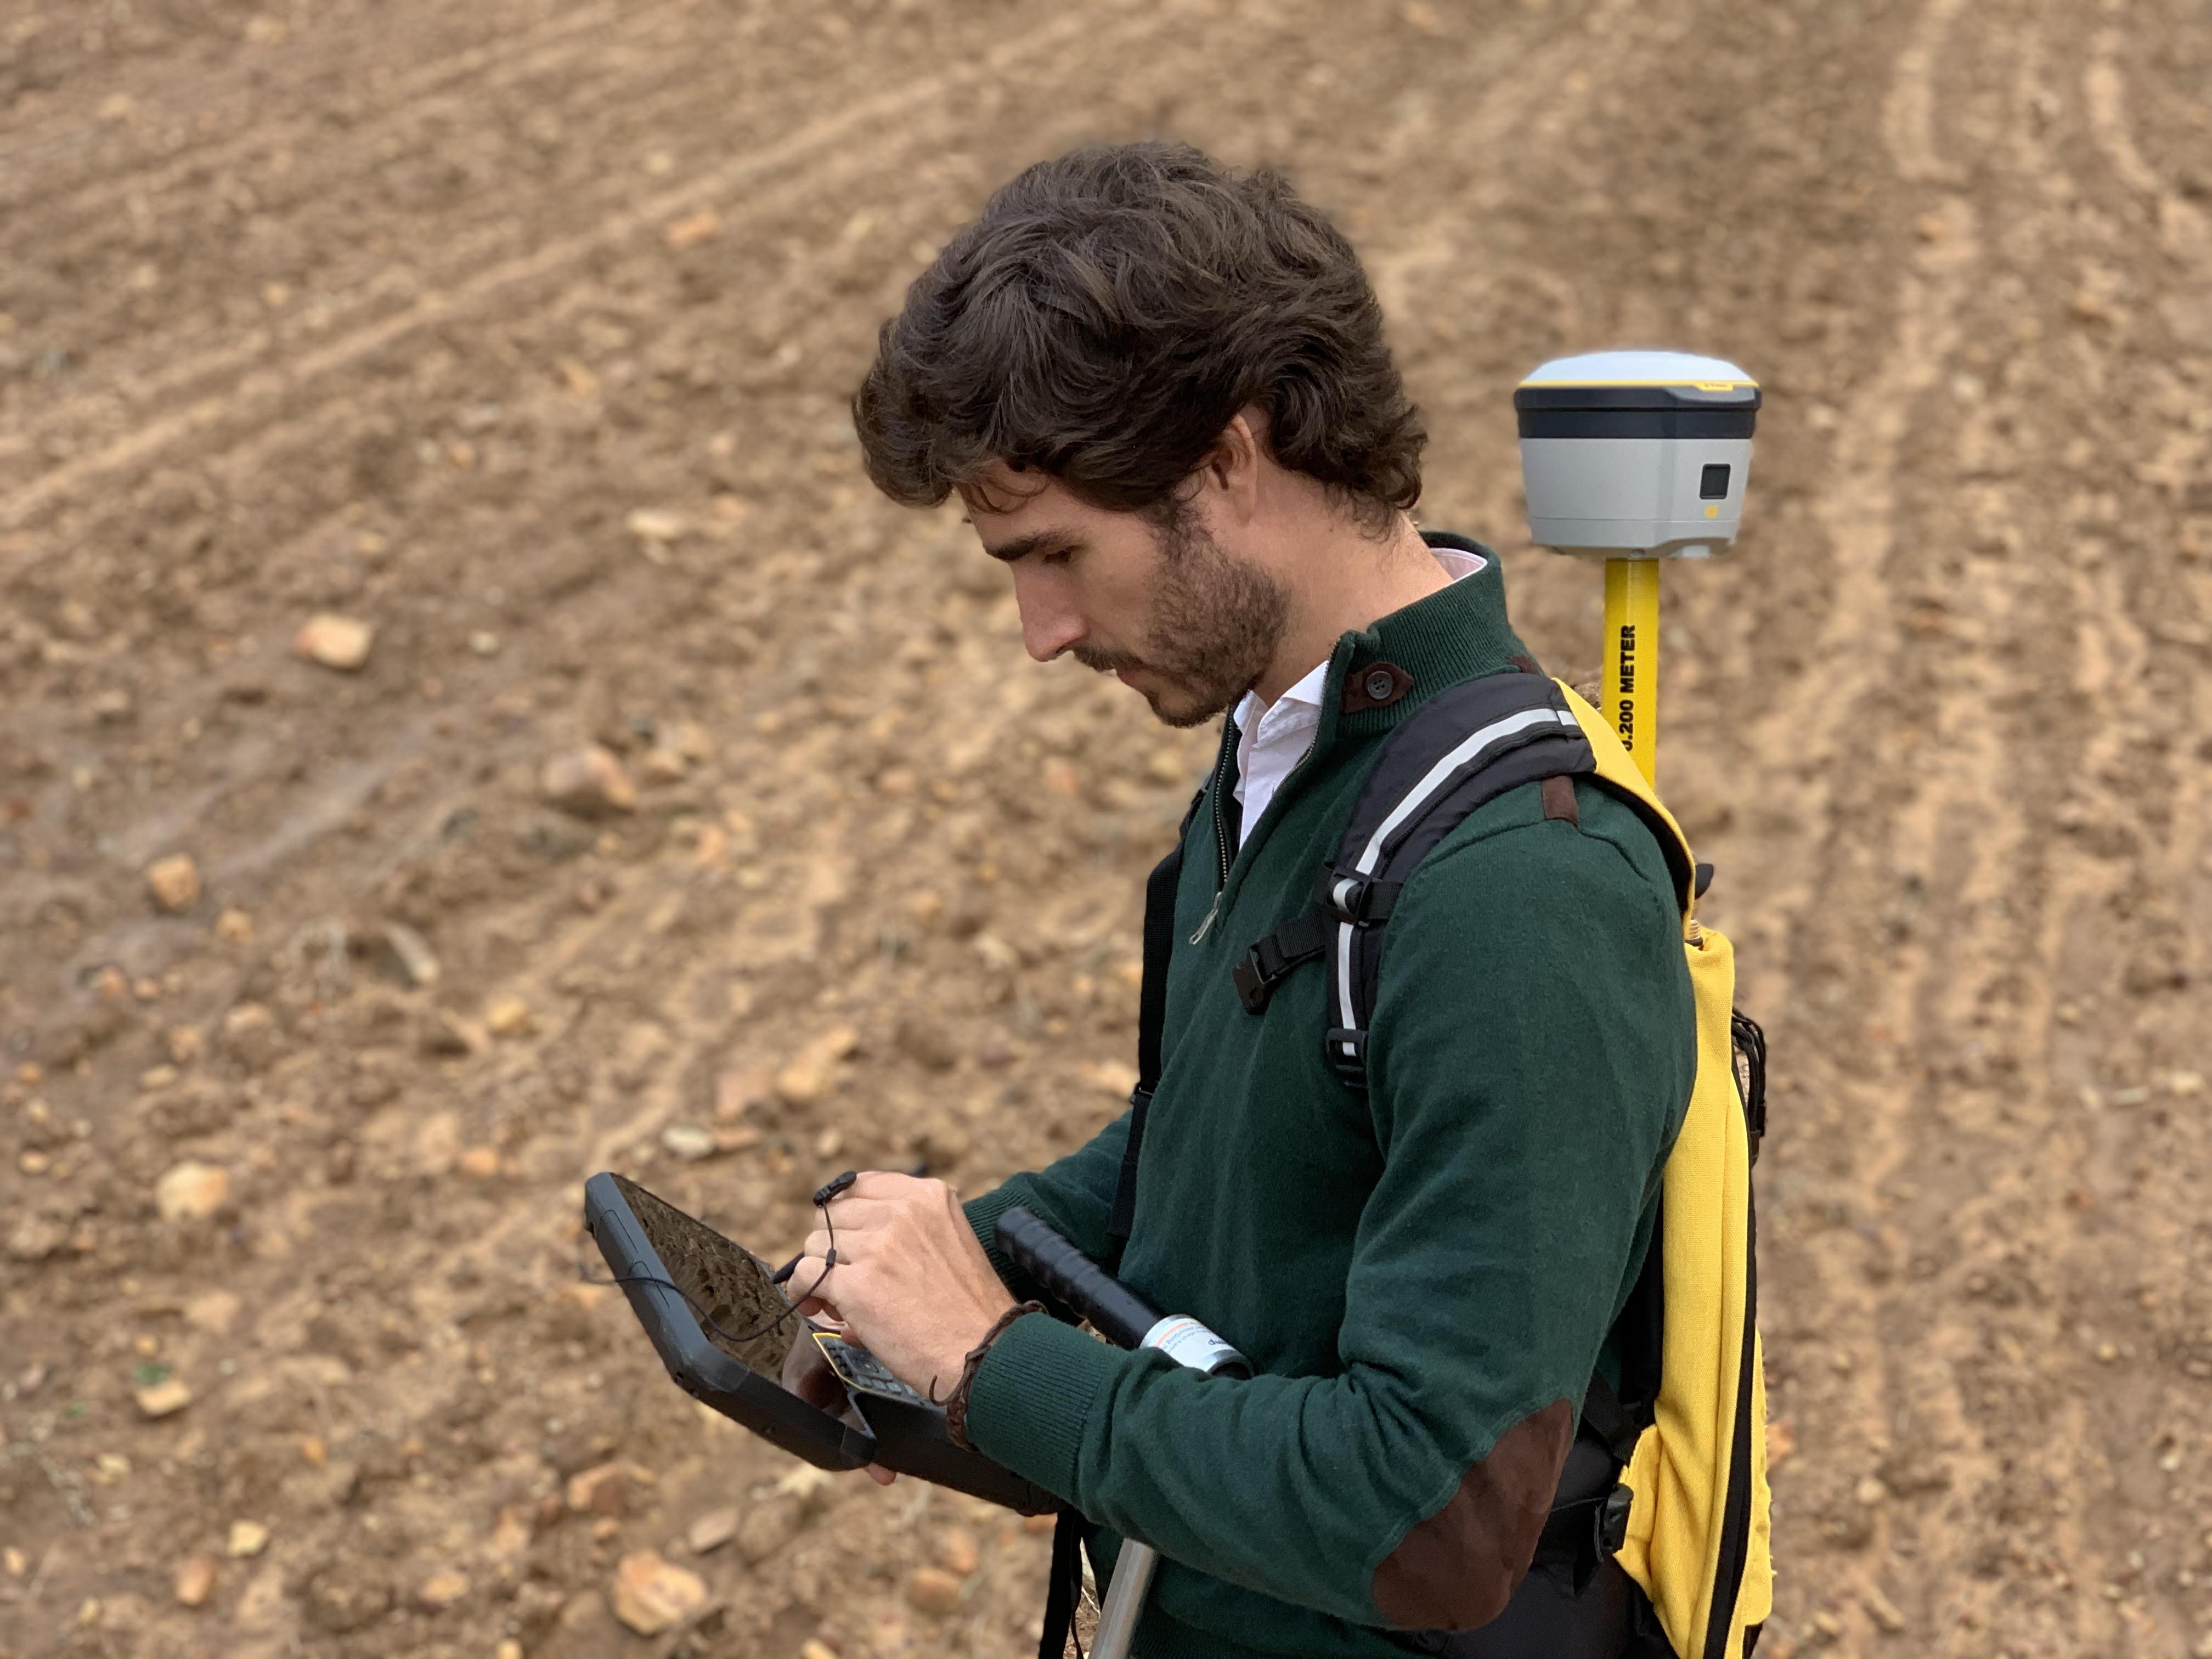 Orion agricultura análisis de suelos agrícolas